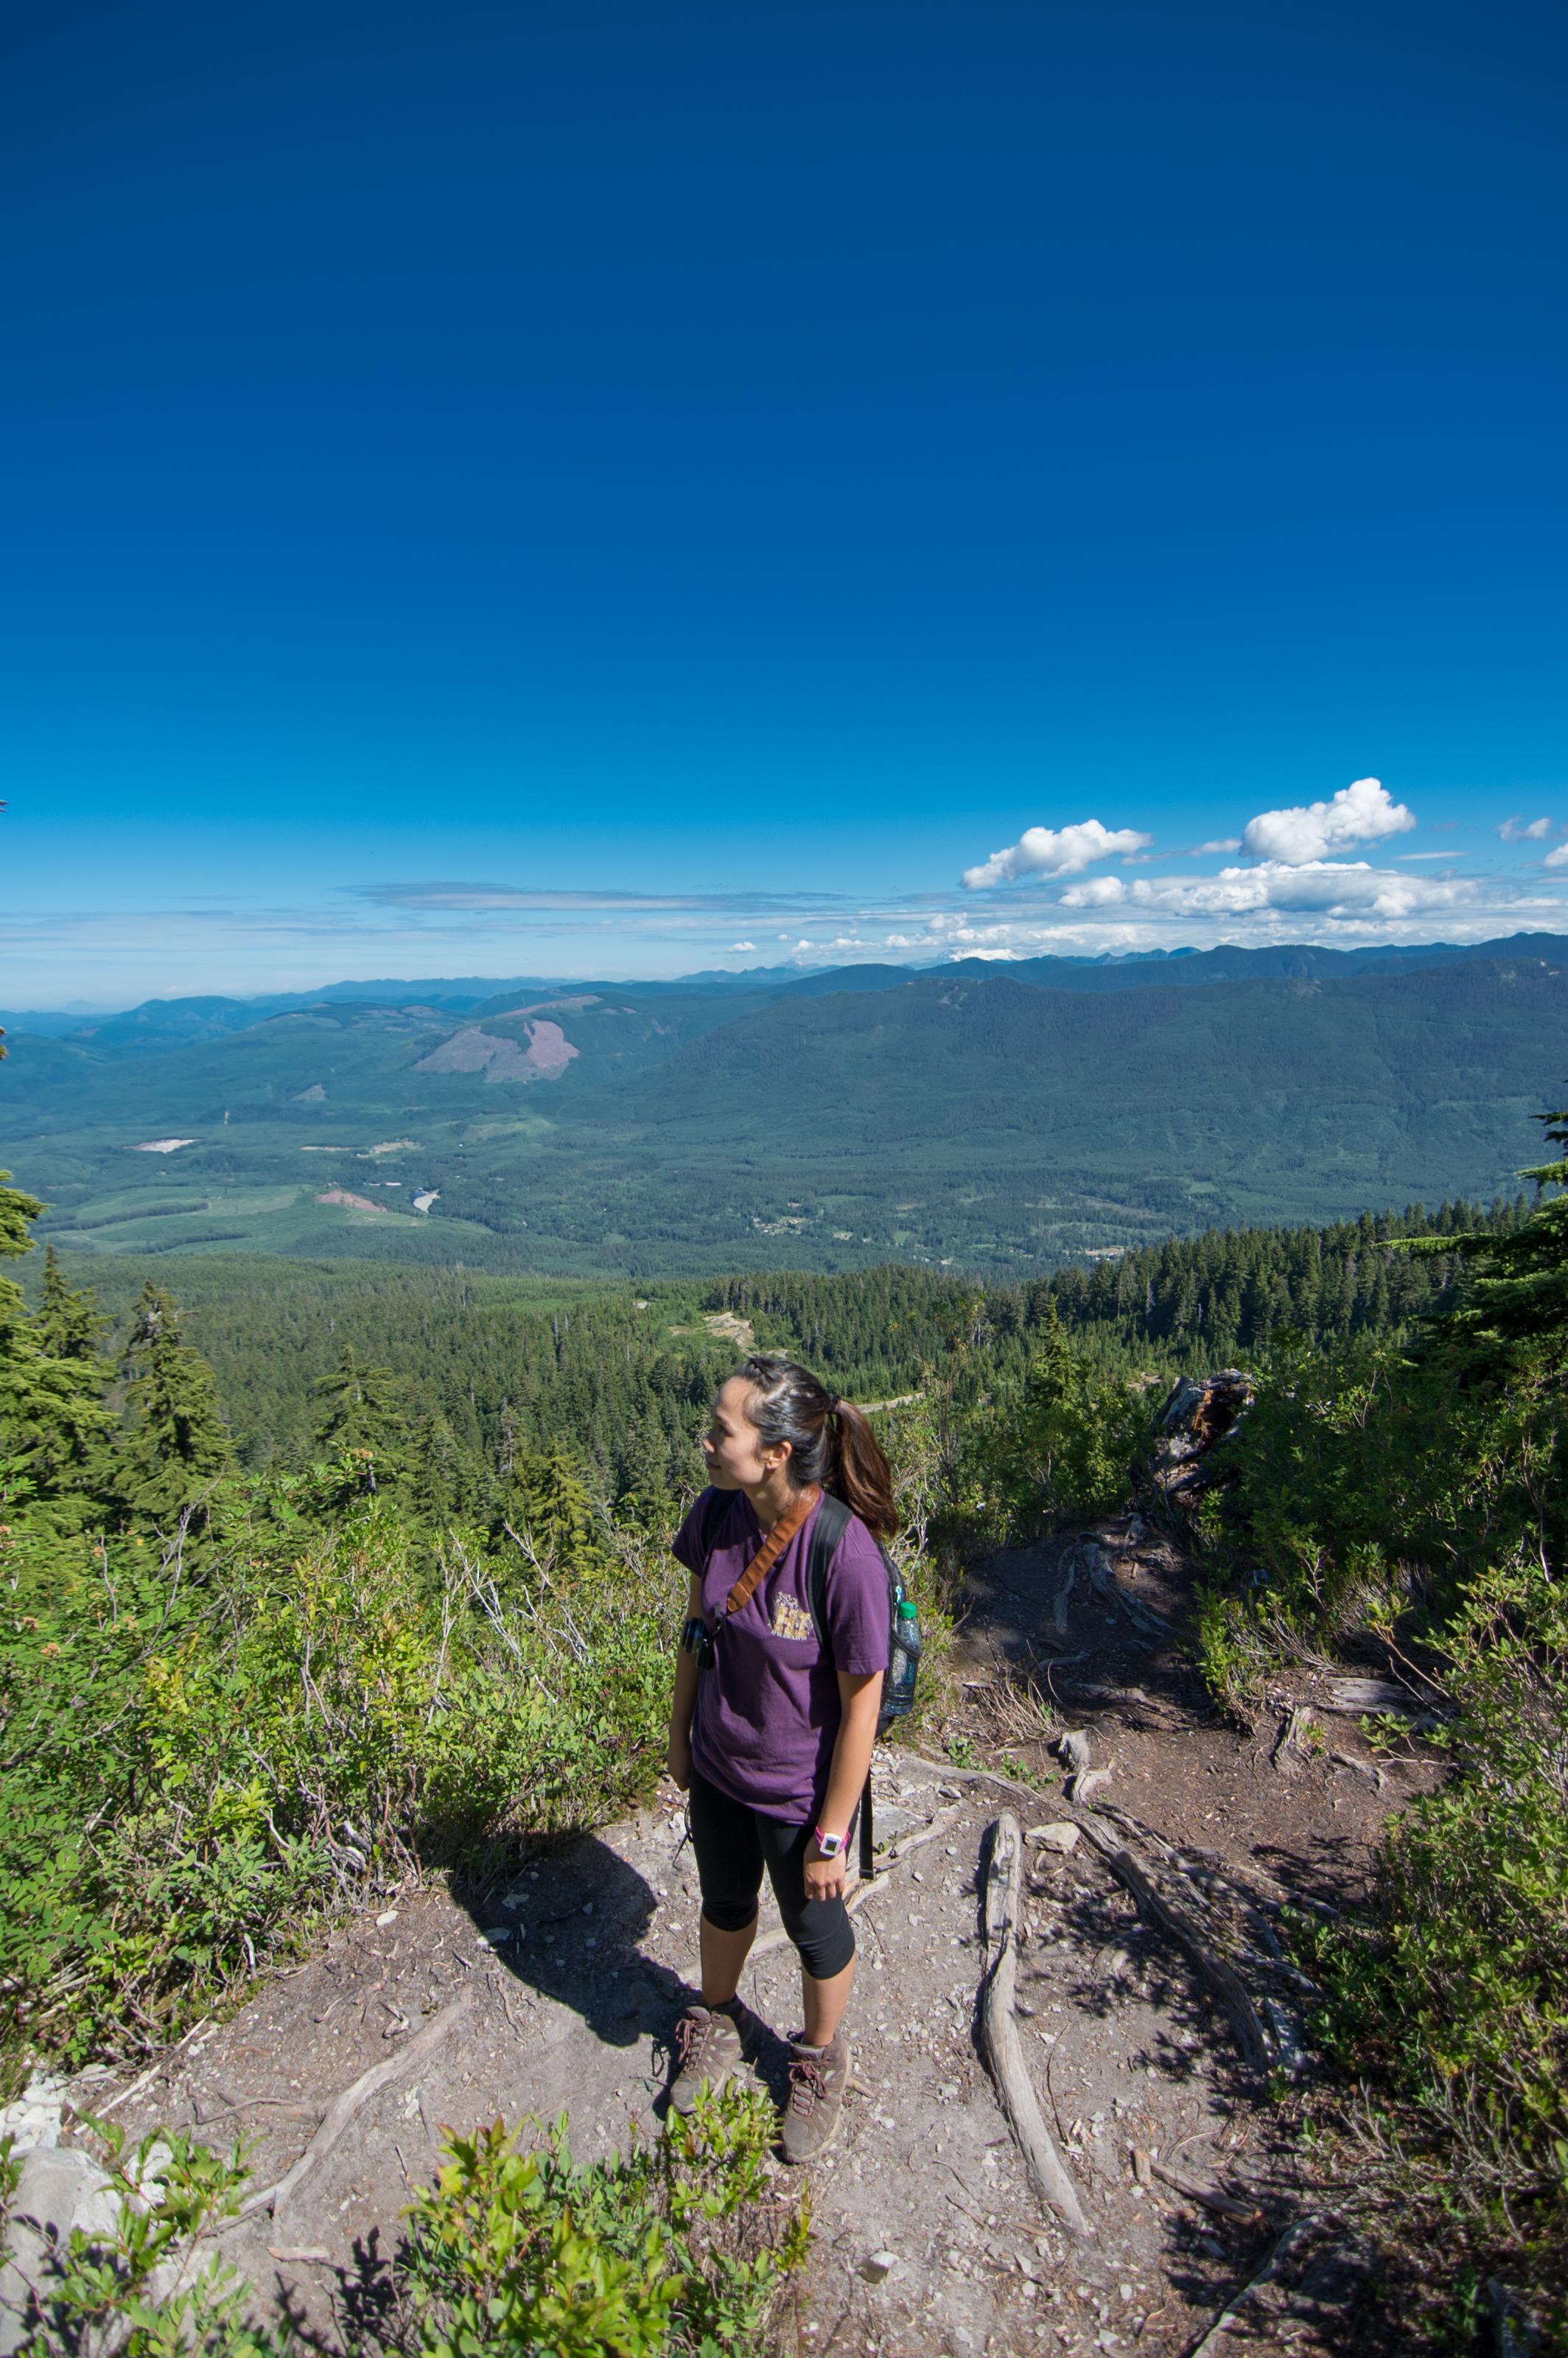 Mount_Pilchuck-12.jpg